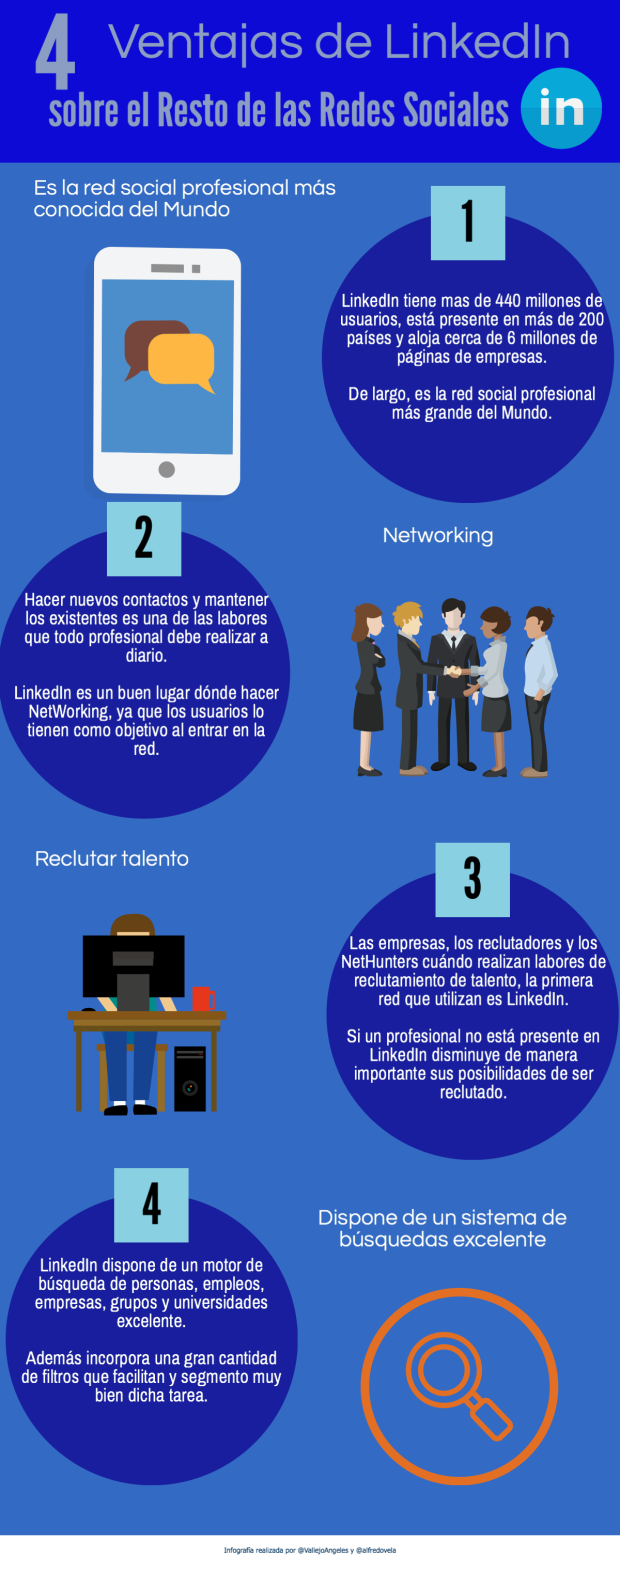 4 ventajas de LinkedIn sobre el resto de Redes Sociales